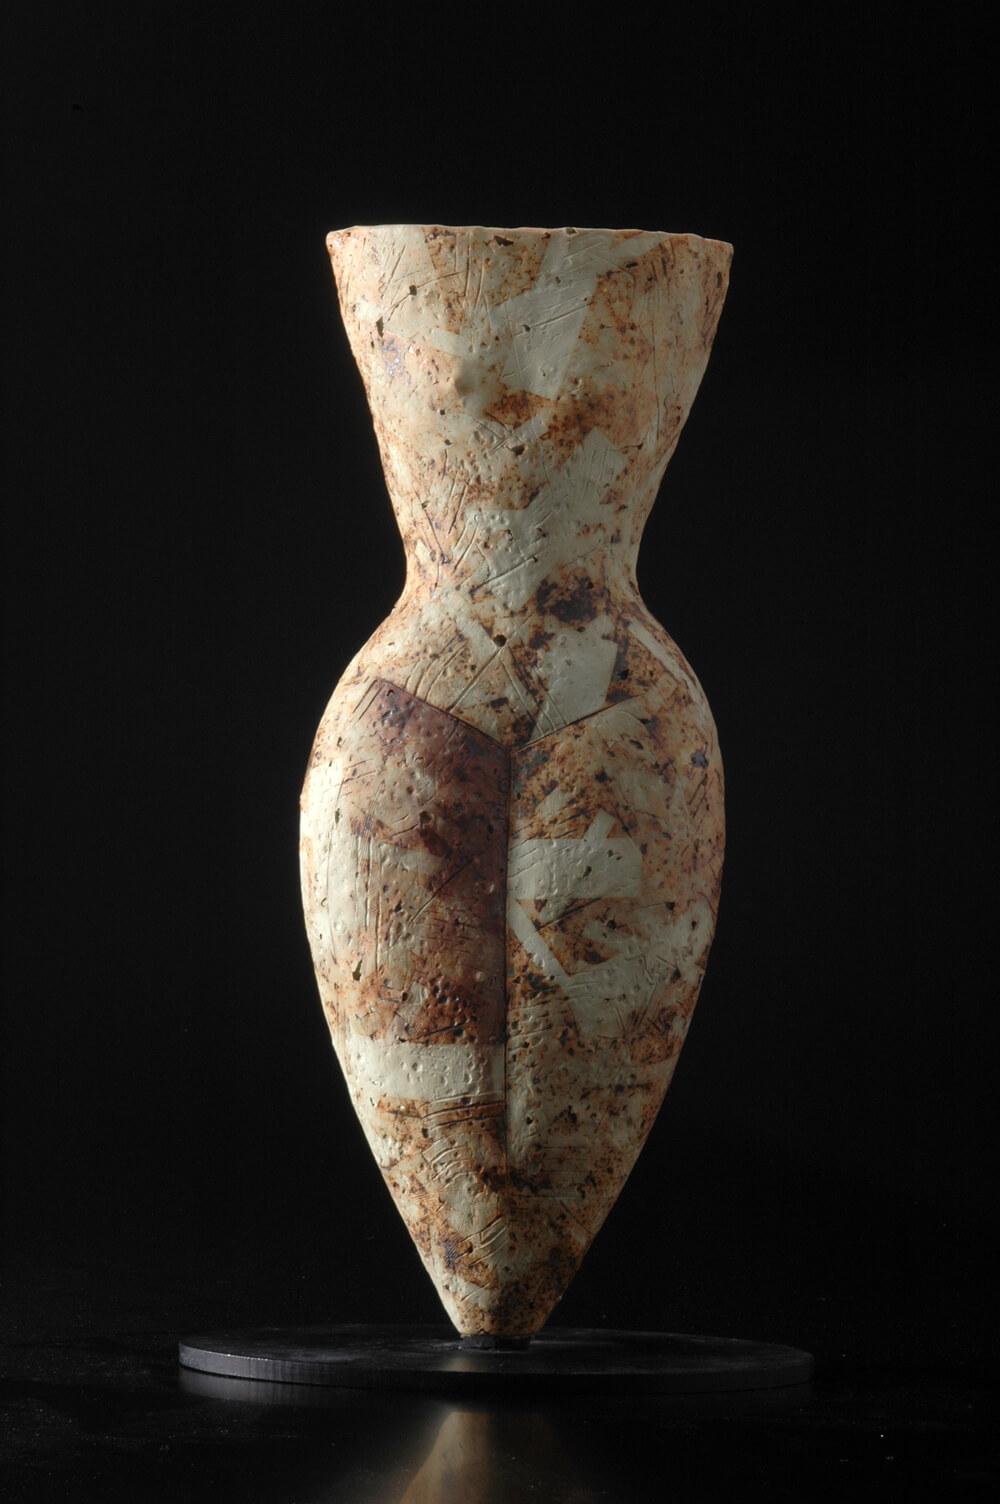 2007年3月15日から開催の「河本 五郎・太郎 展」の作品03